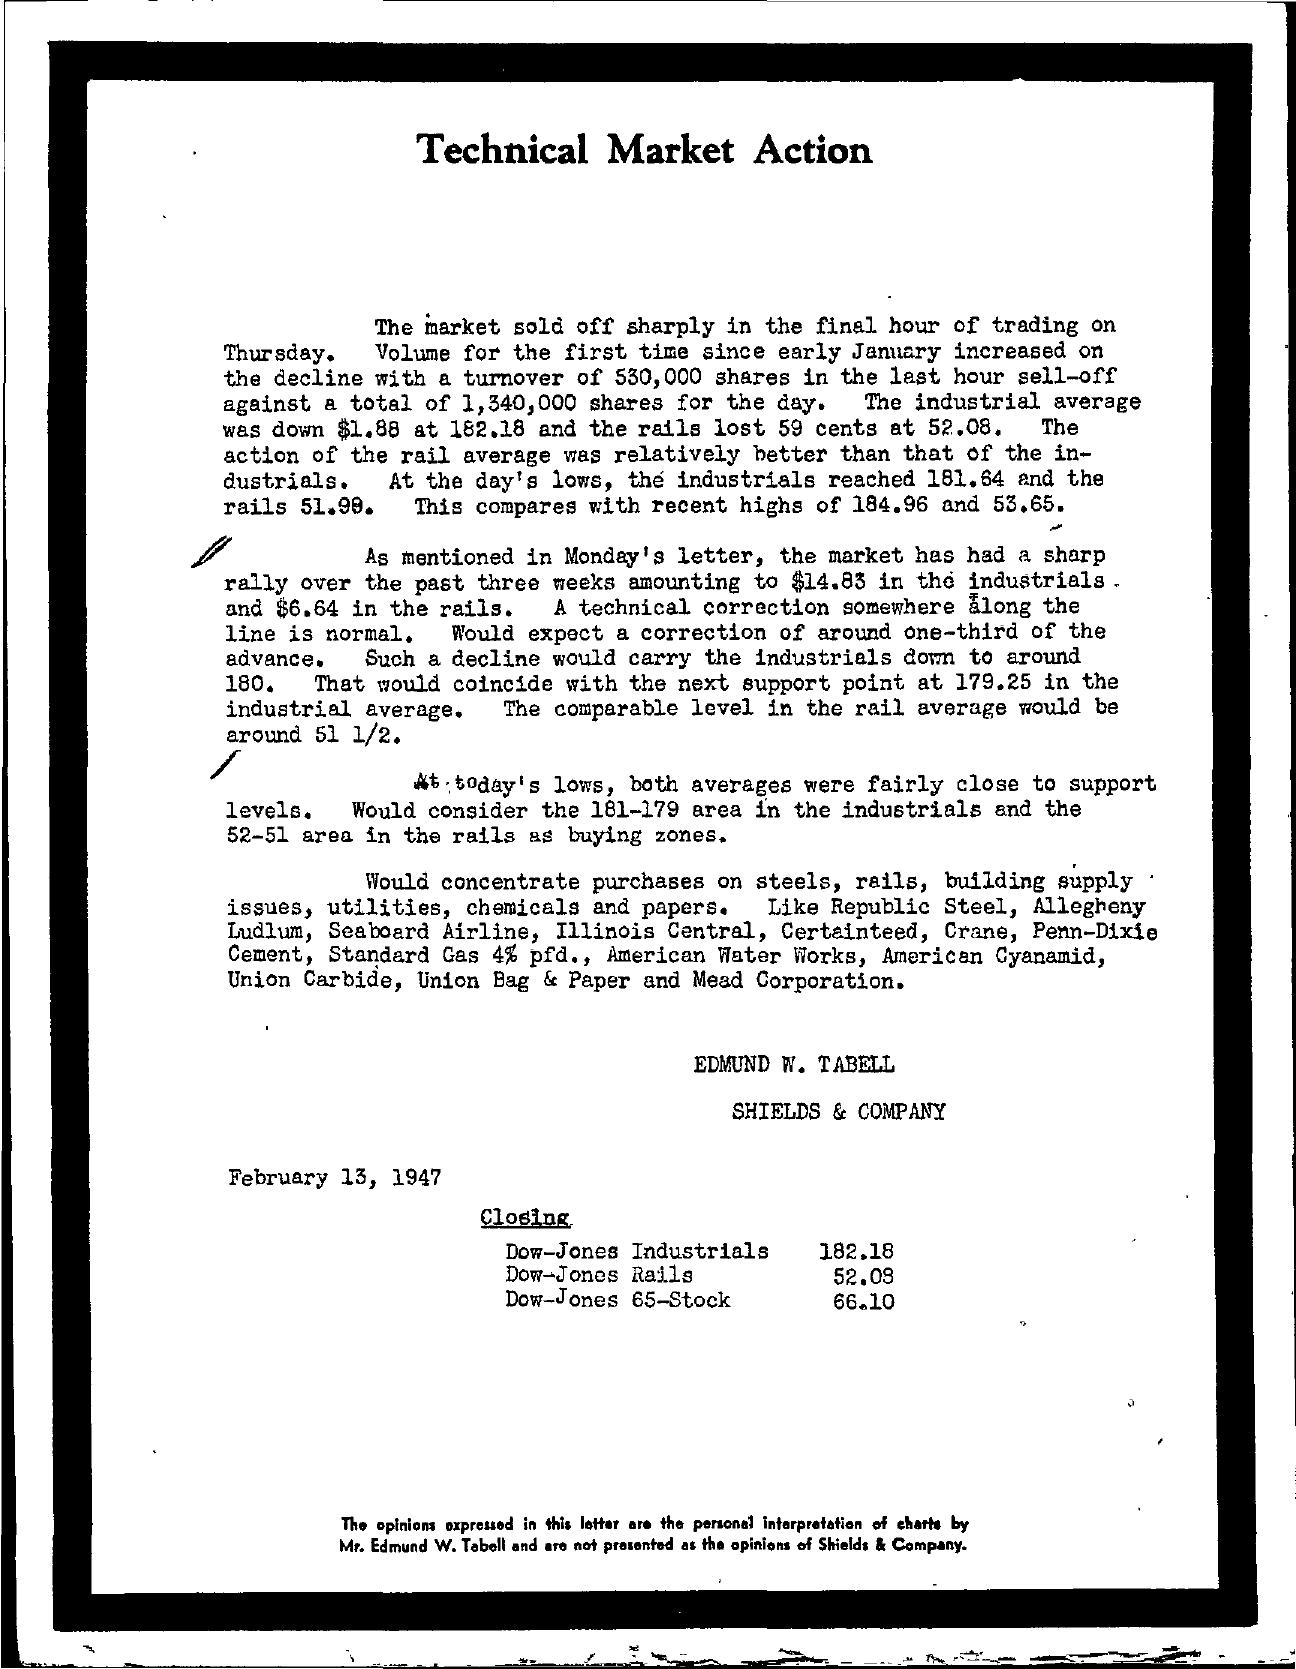 Tabell's Market Letter - February 13, 1947